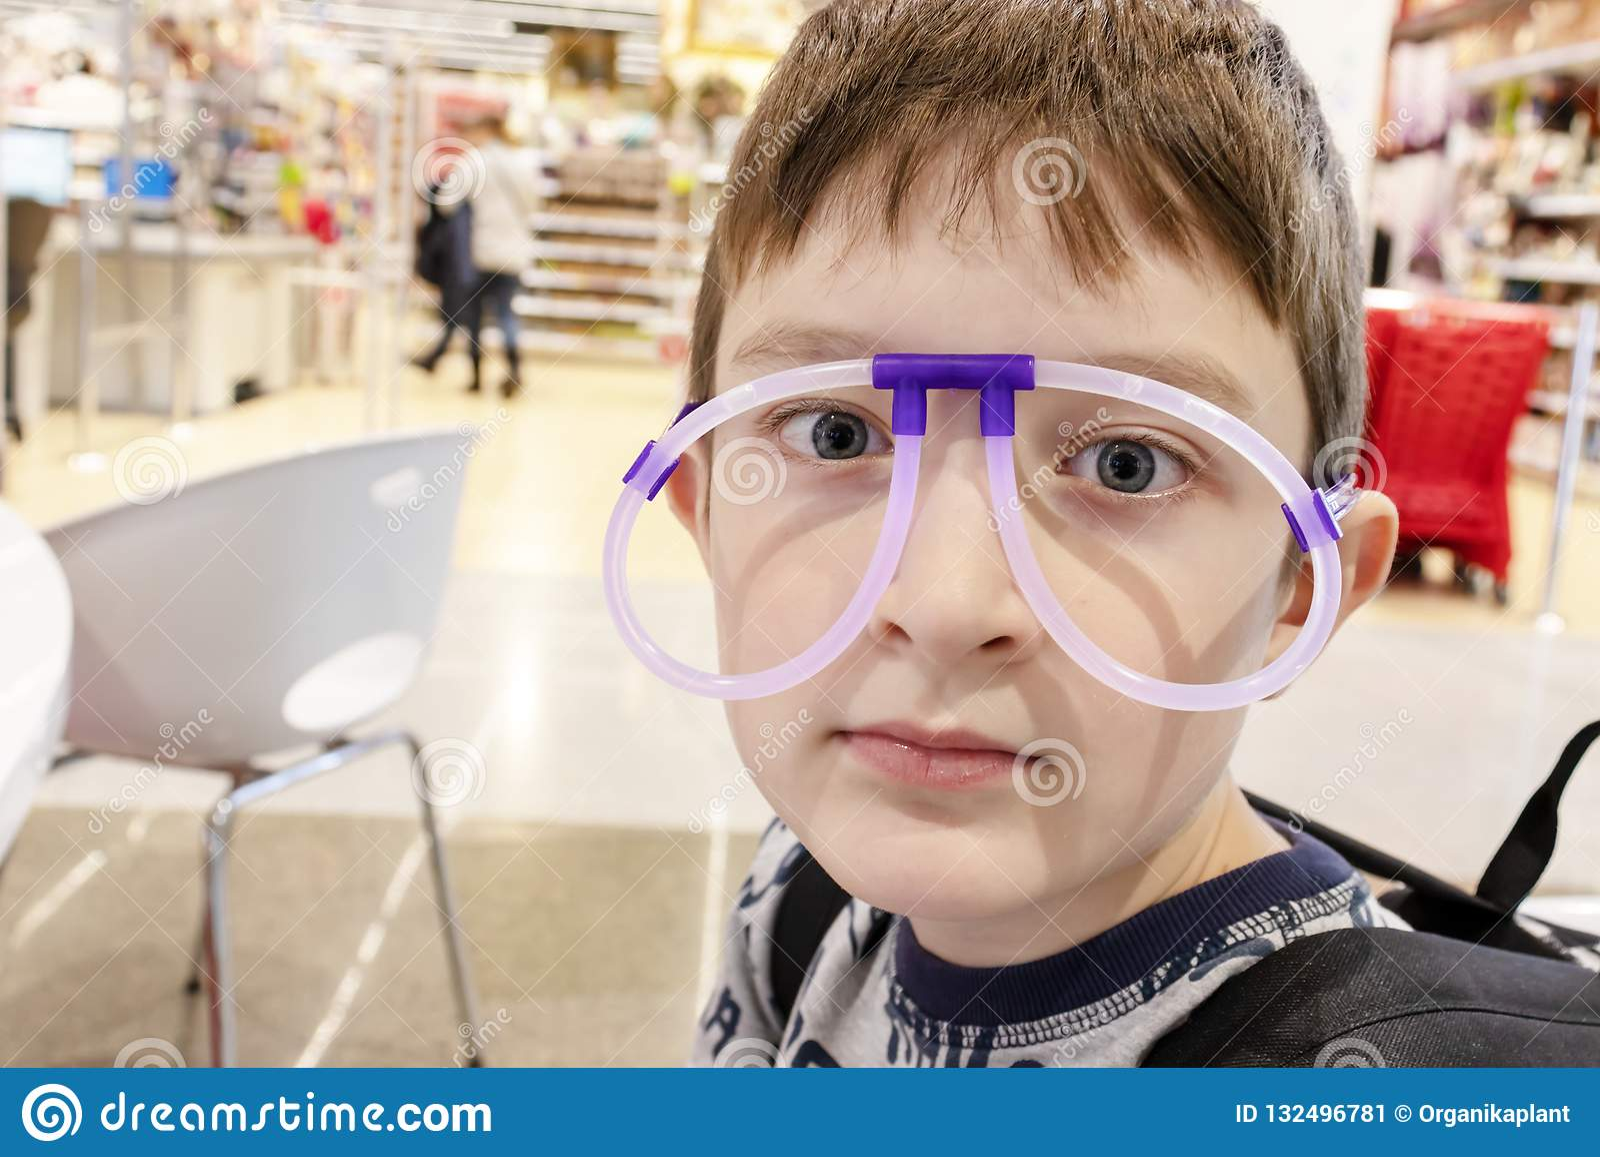 Portrait du garçon mignon drôle portant les lunettes étranges faites de tubes au néon fluorescents, centre commercial